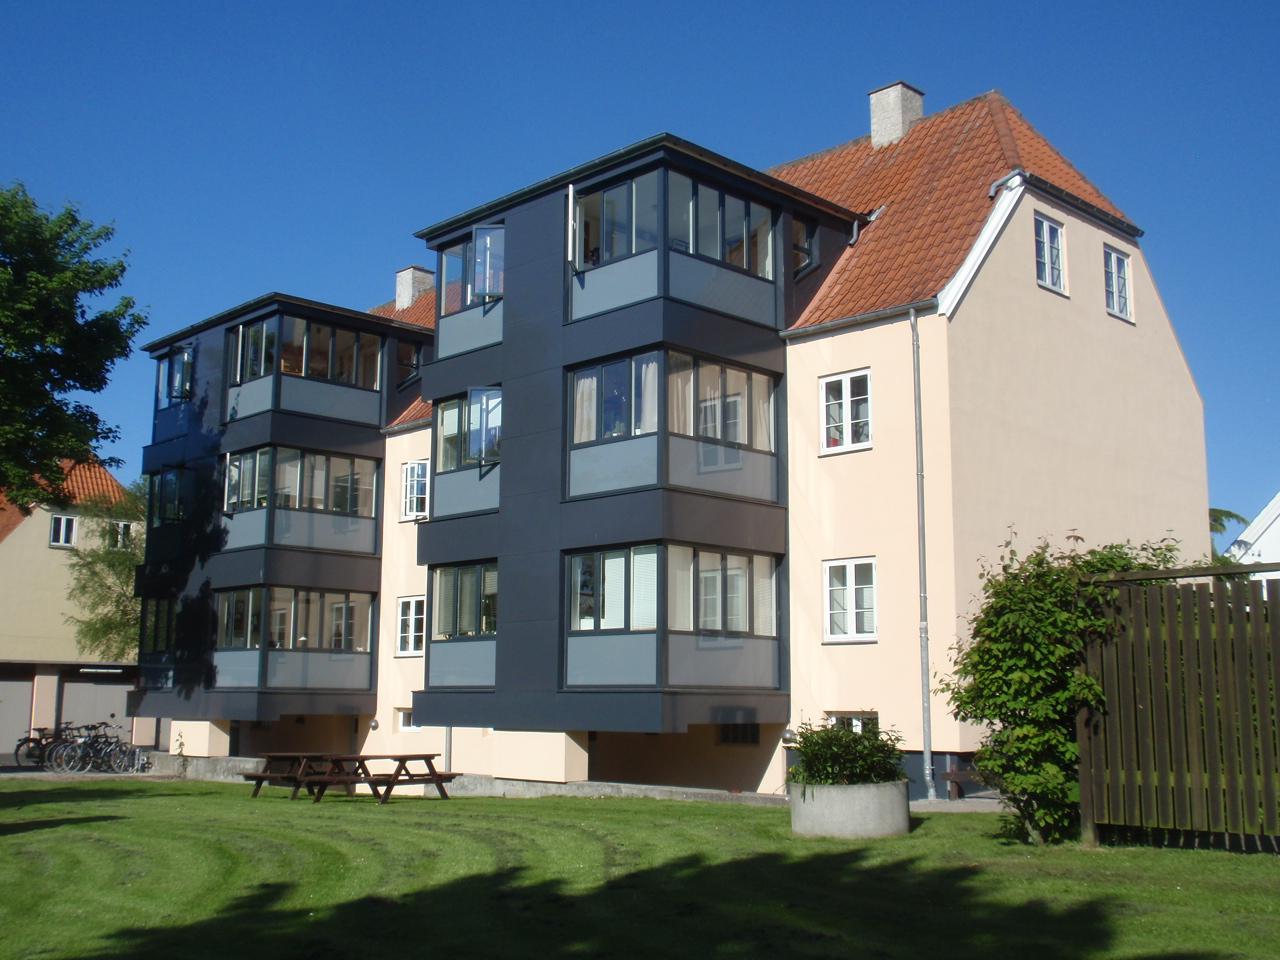 Billede af Neergårdsvej 6-12, 4000 Roskilde